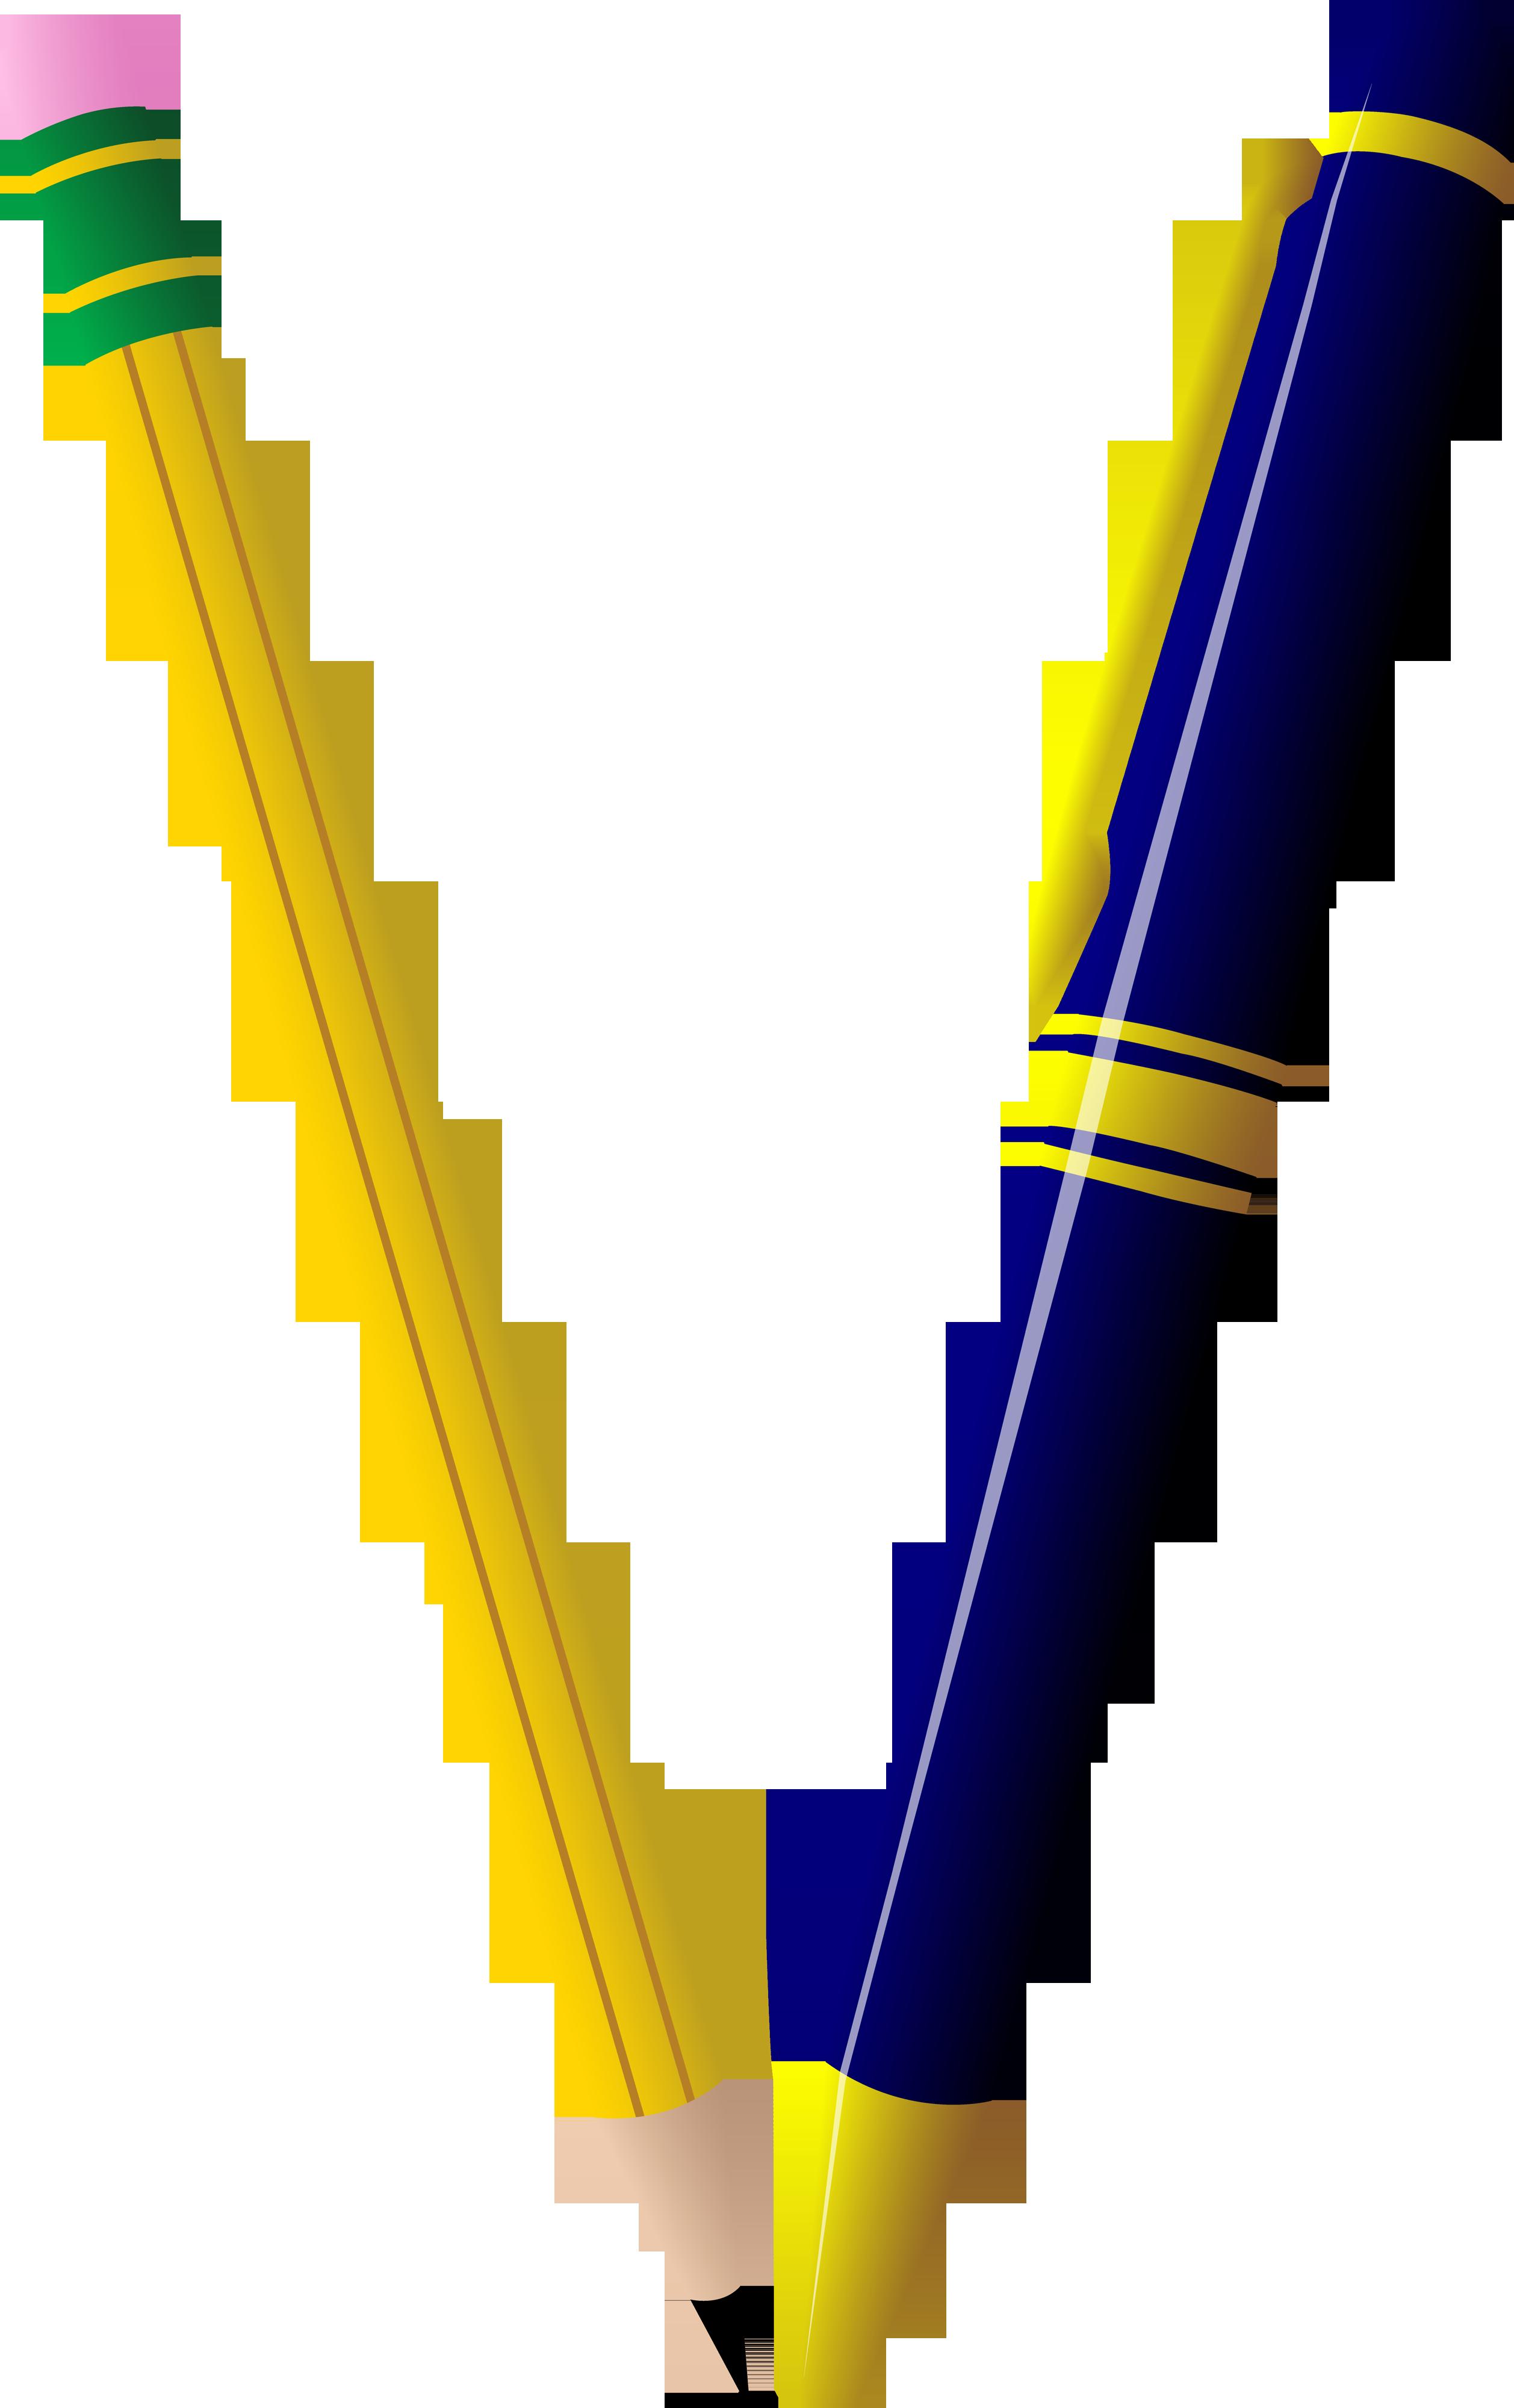 2515x4000 Pen And Pencils